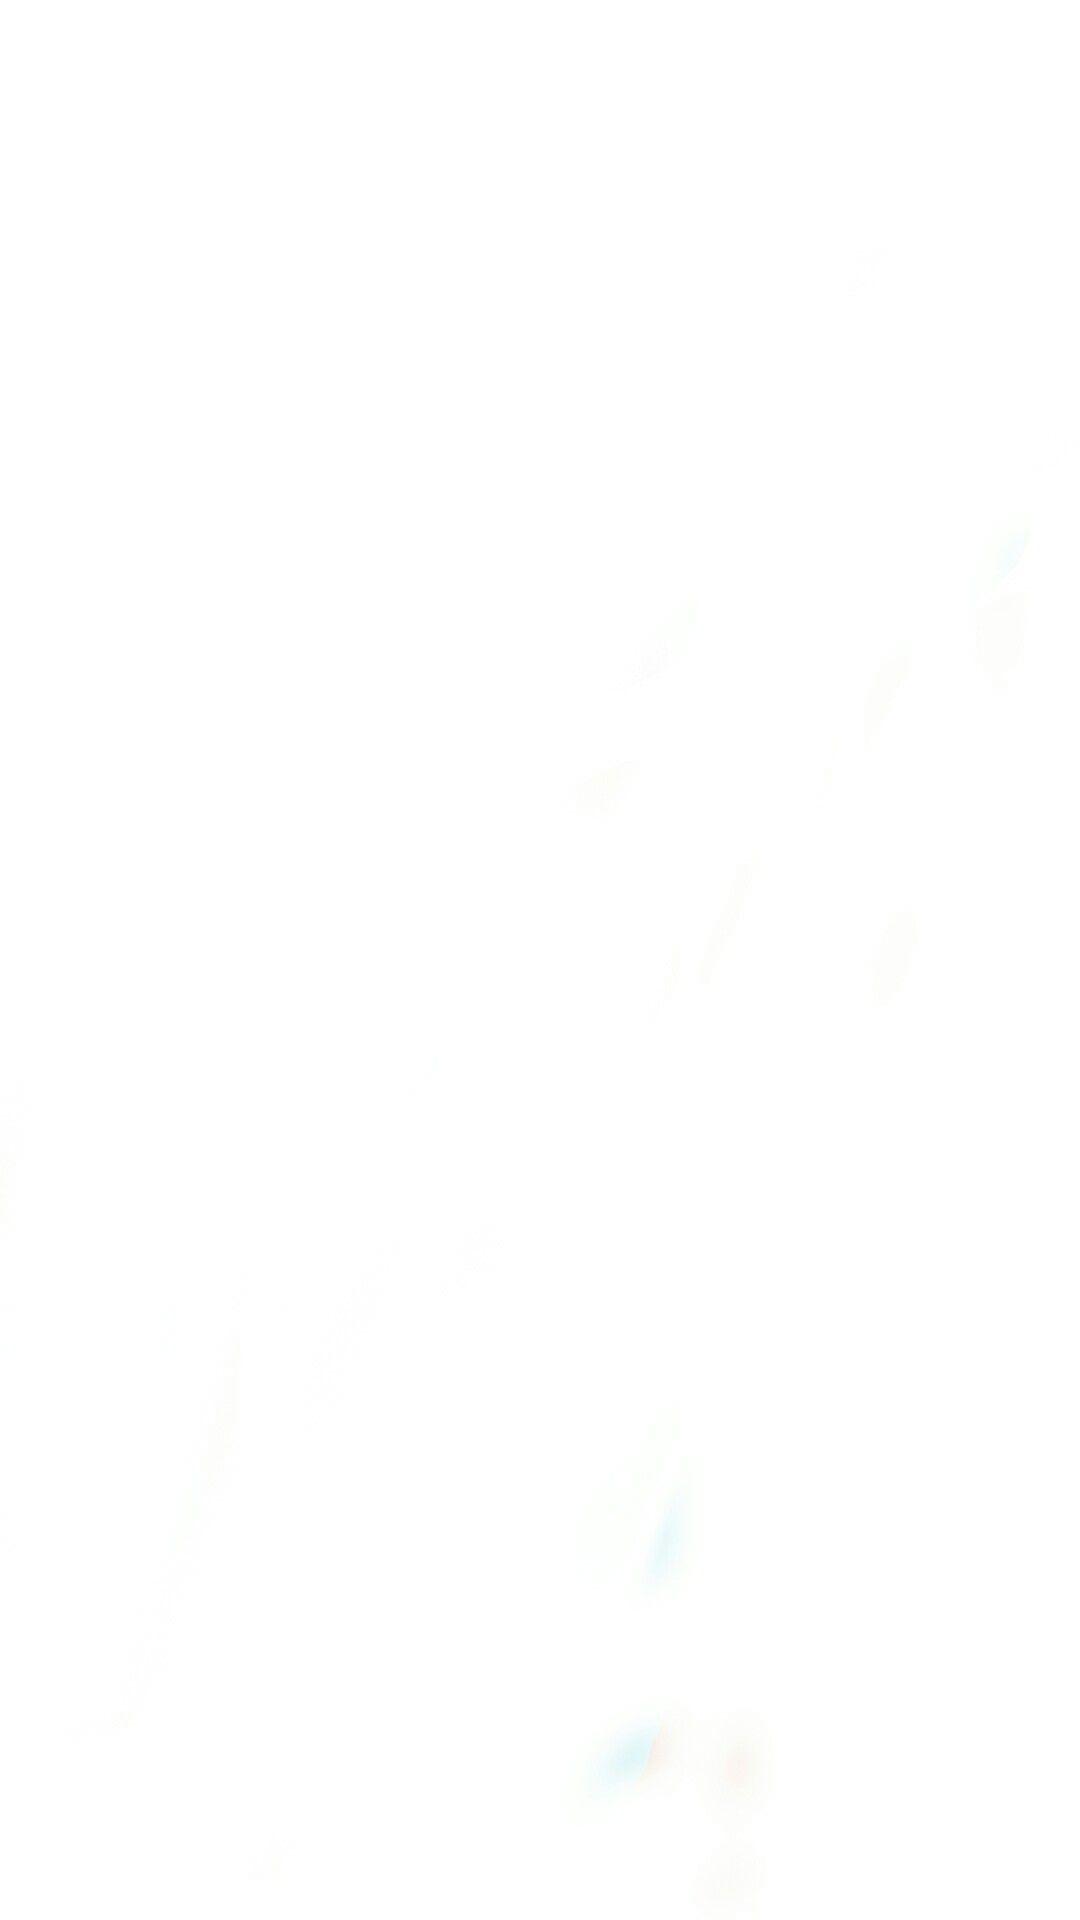 White divider.jpg